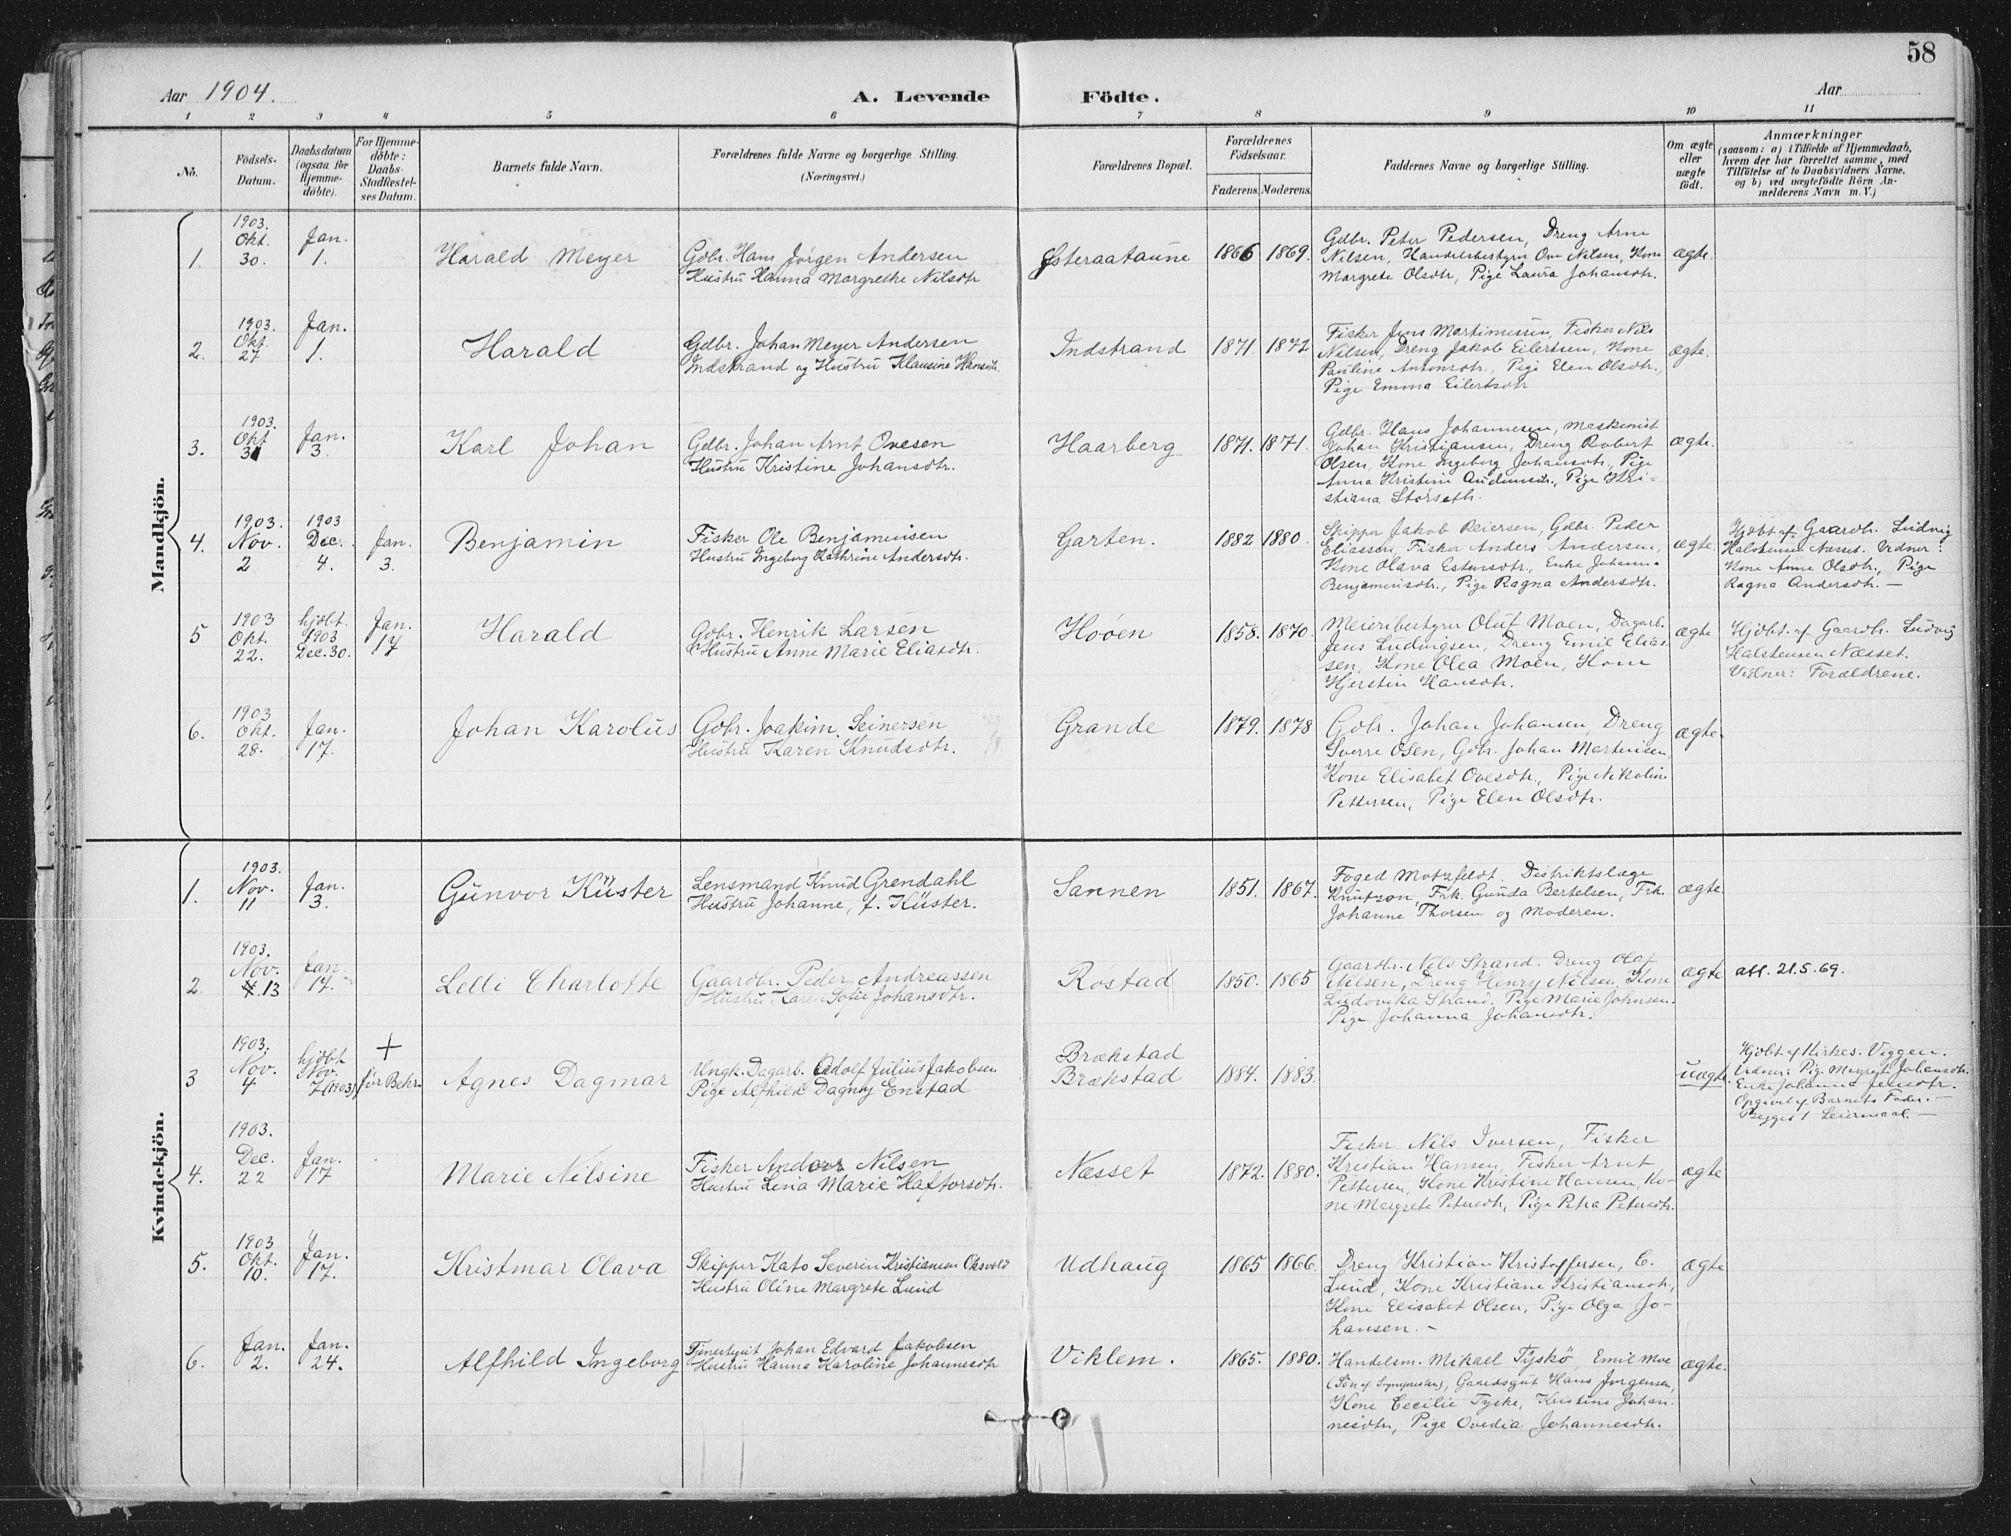 SAT, Ministerialprotokoller, klokkerbøker og fødselsregistre - Sør-Trøndelag, 659/L0743: Ministerialbok nr. 659A13, 1893-1910, s. 58